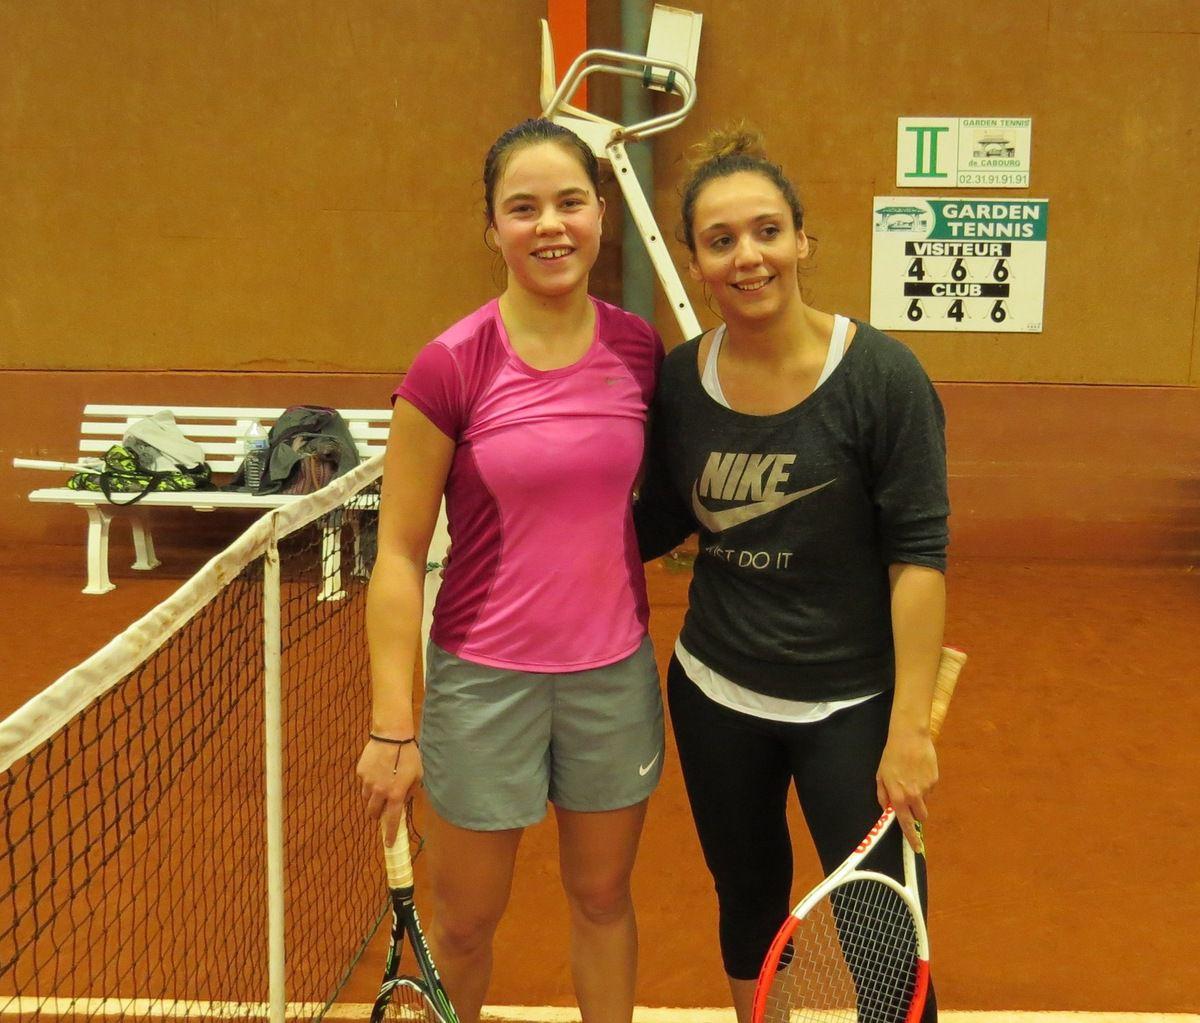 Vainqueur : Lou Bonet de Freitas 4/6 (CaenTC) à gauche - Finaliste : Charlotte Villeminot 2/6 (Mondeville)